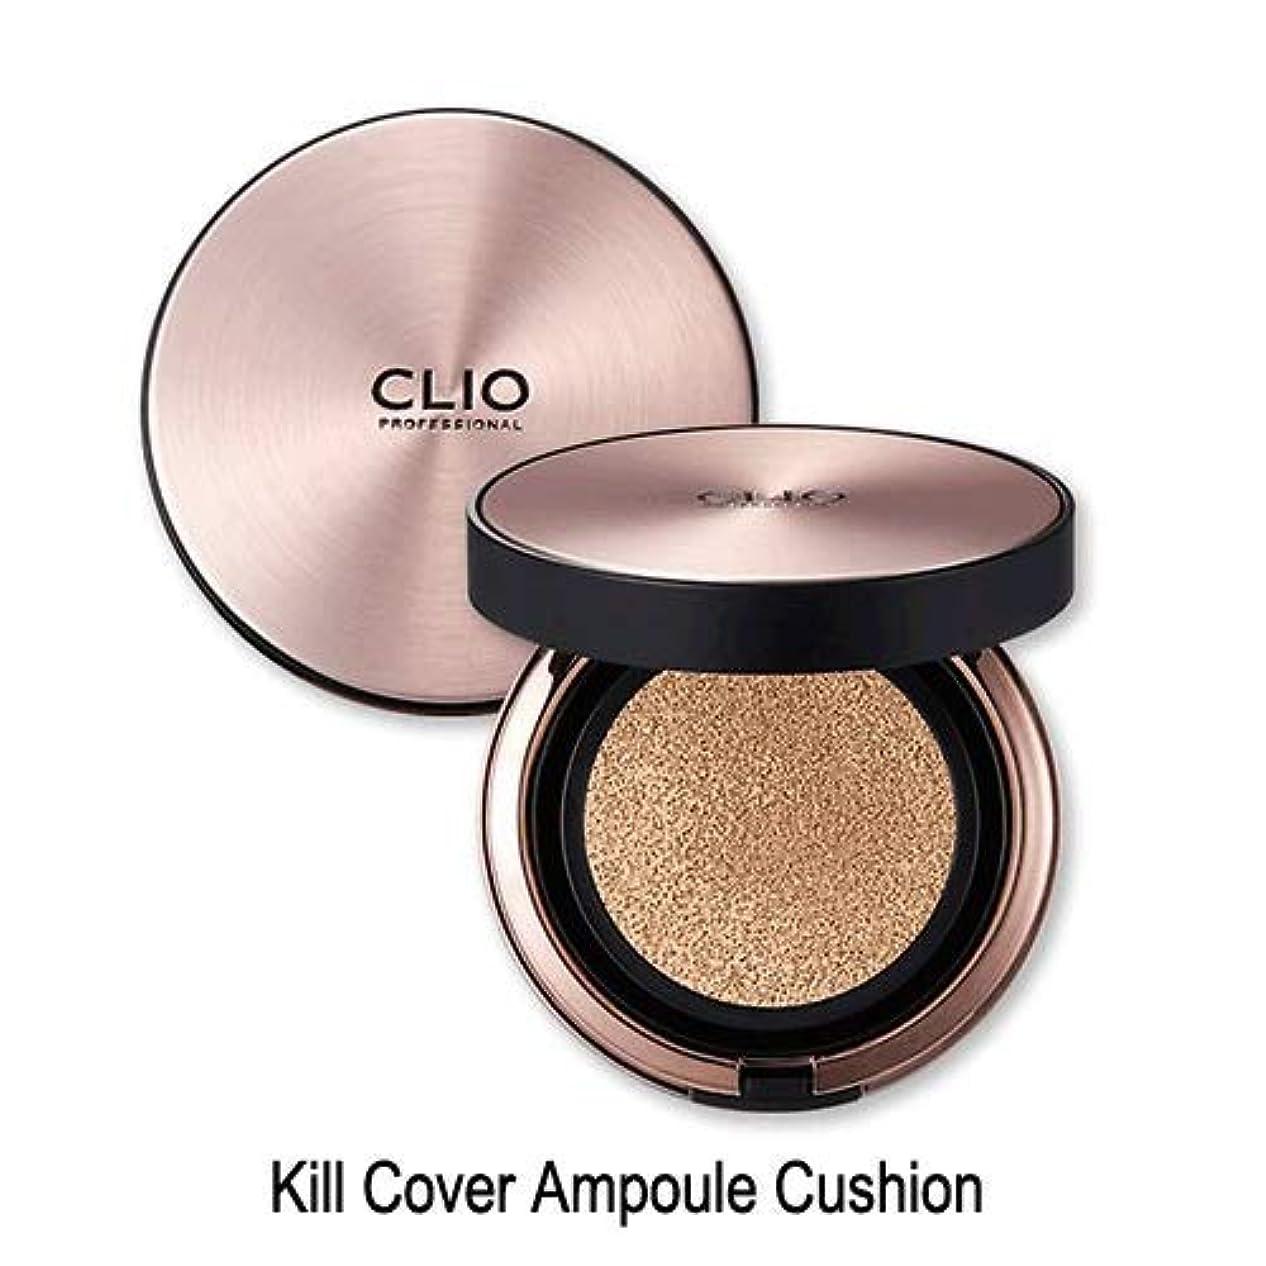 モールス信号やめる農業のキルカバー アンプル クッション(Kill Cover Ampoule Cushion) 2ランジェリー